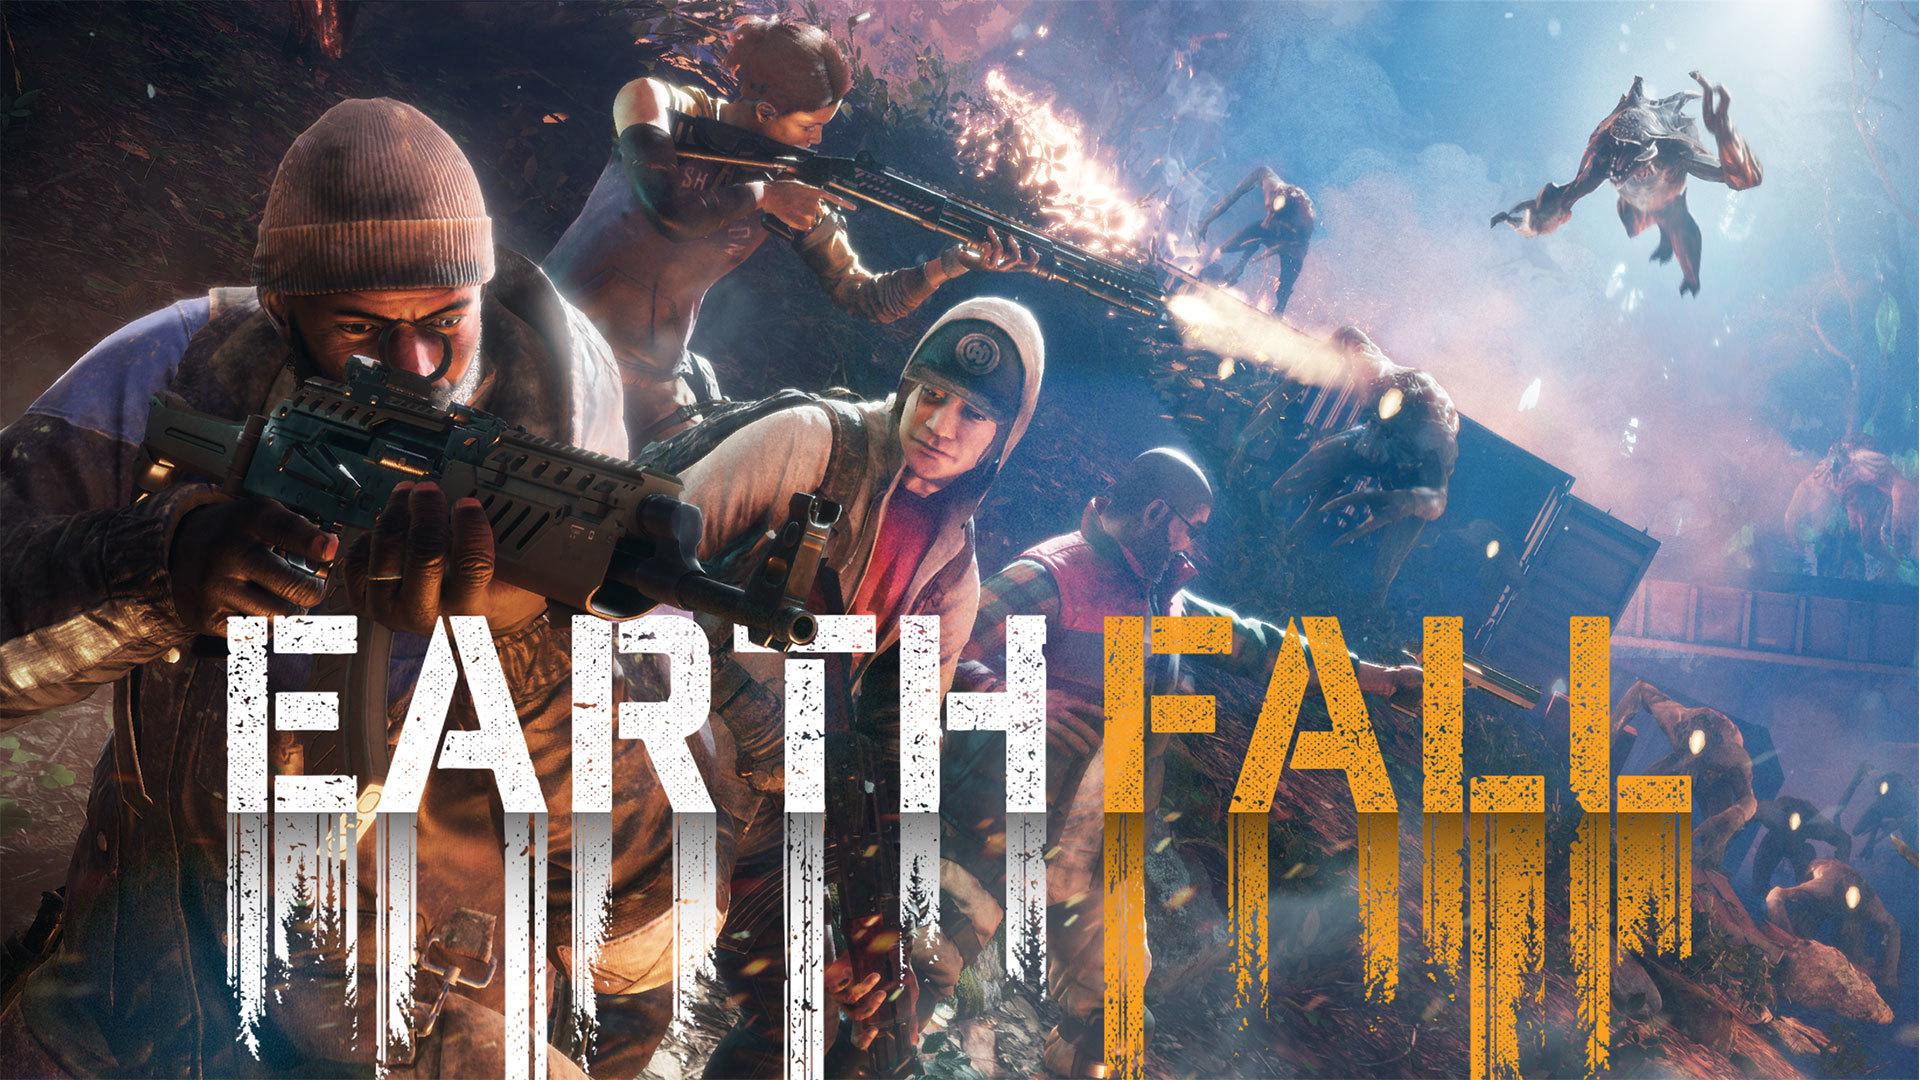 earthfall, teszt, bemutató, megjelent az earthfall, megérkezett az earthfall, steam, fps, left 4 dead, l4d, coop, co-op, videojáték